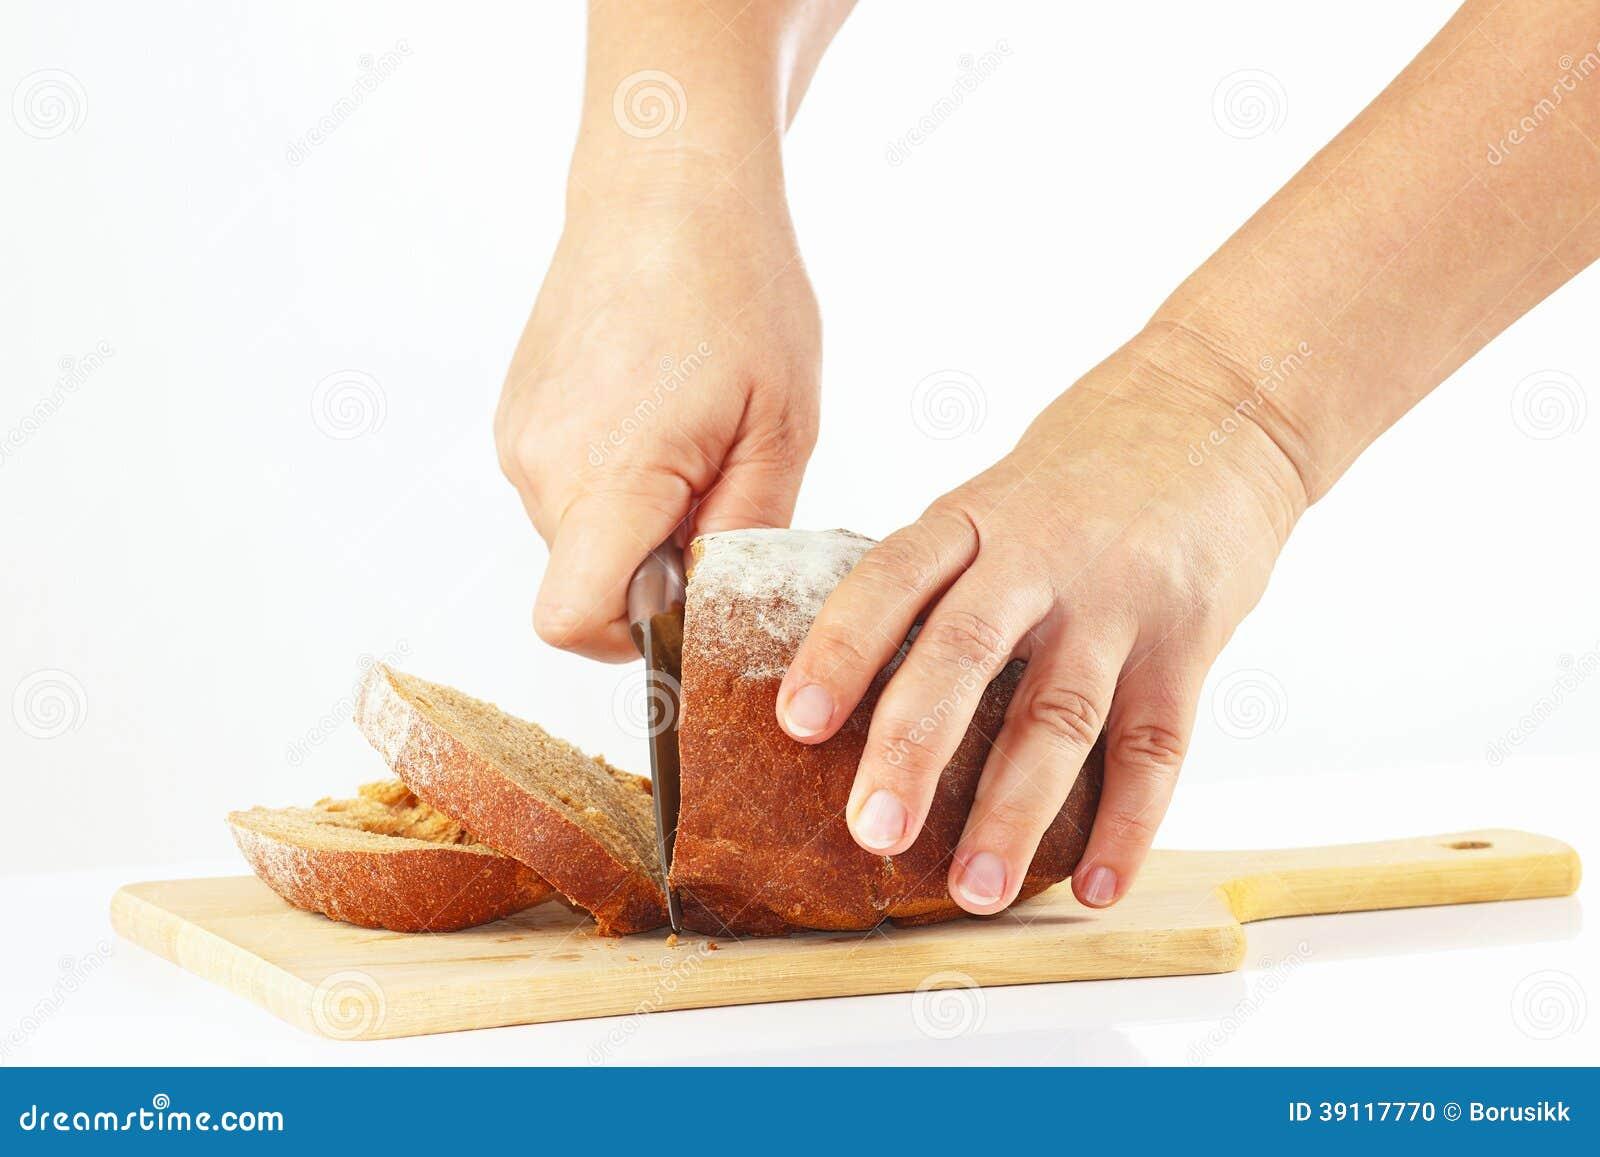 De handen van vrouwen met een mes gesneden roggebrood